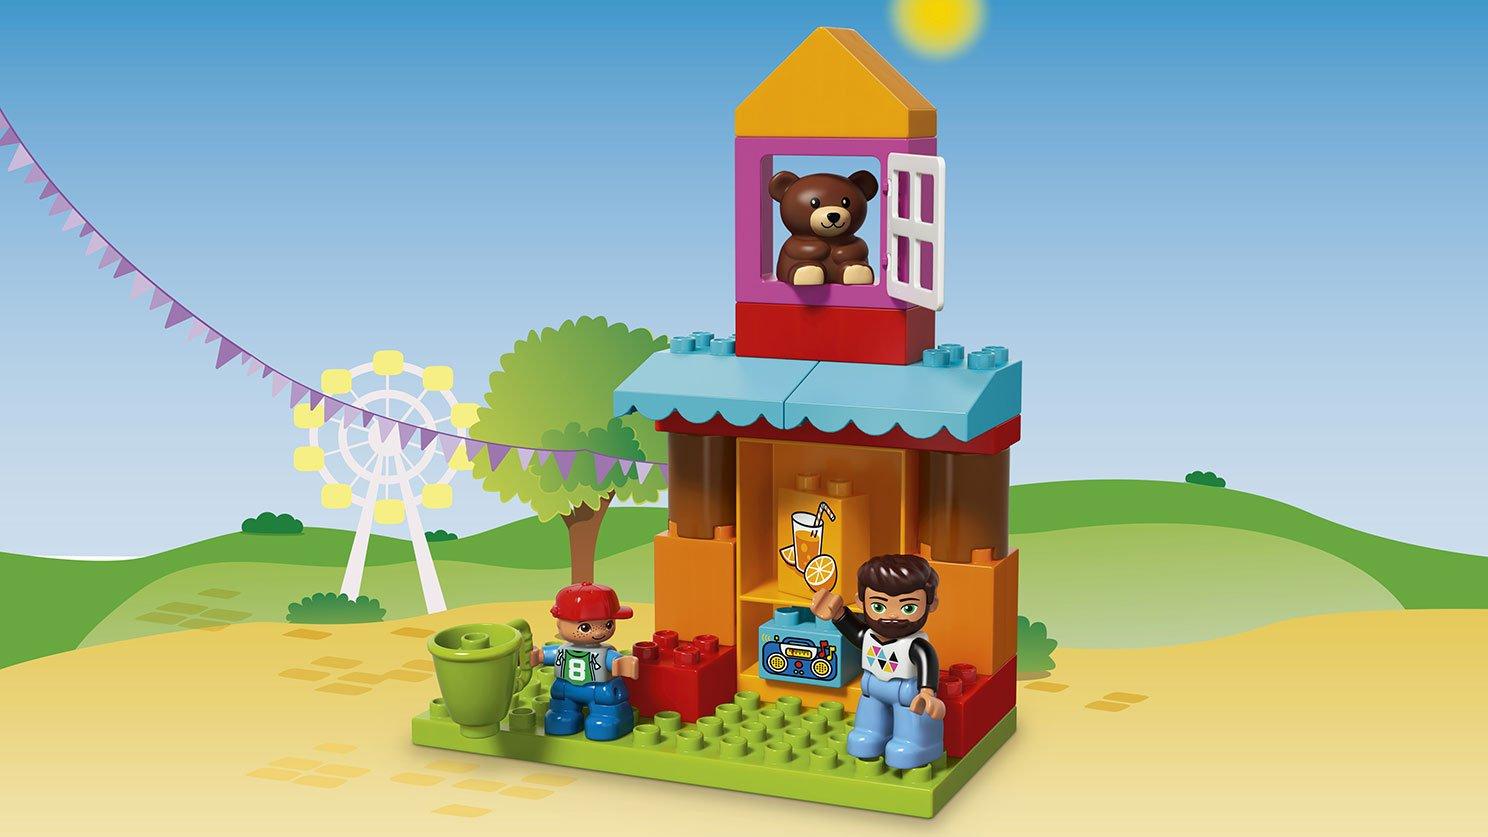 Lego 10839 Duplo Strzelnica Porównaj Ceny Zklockówpl